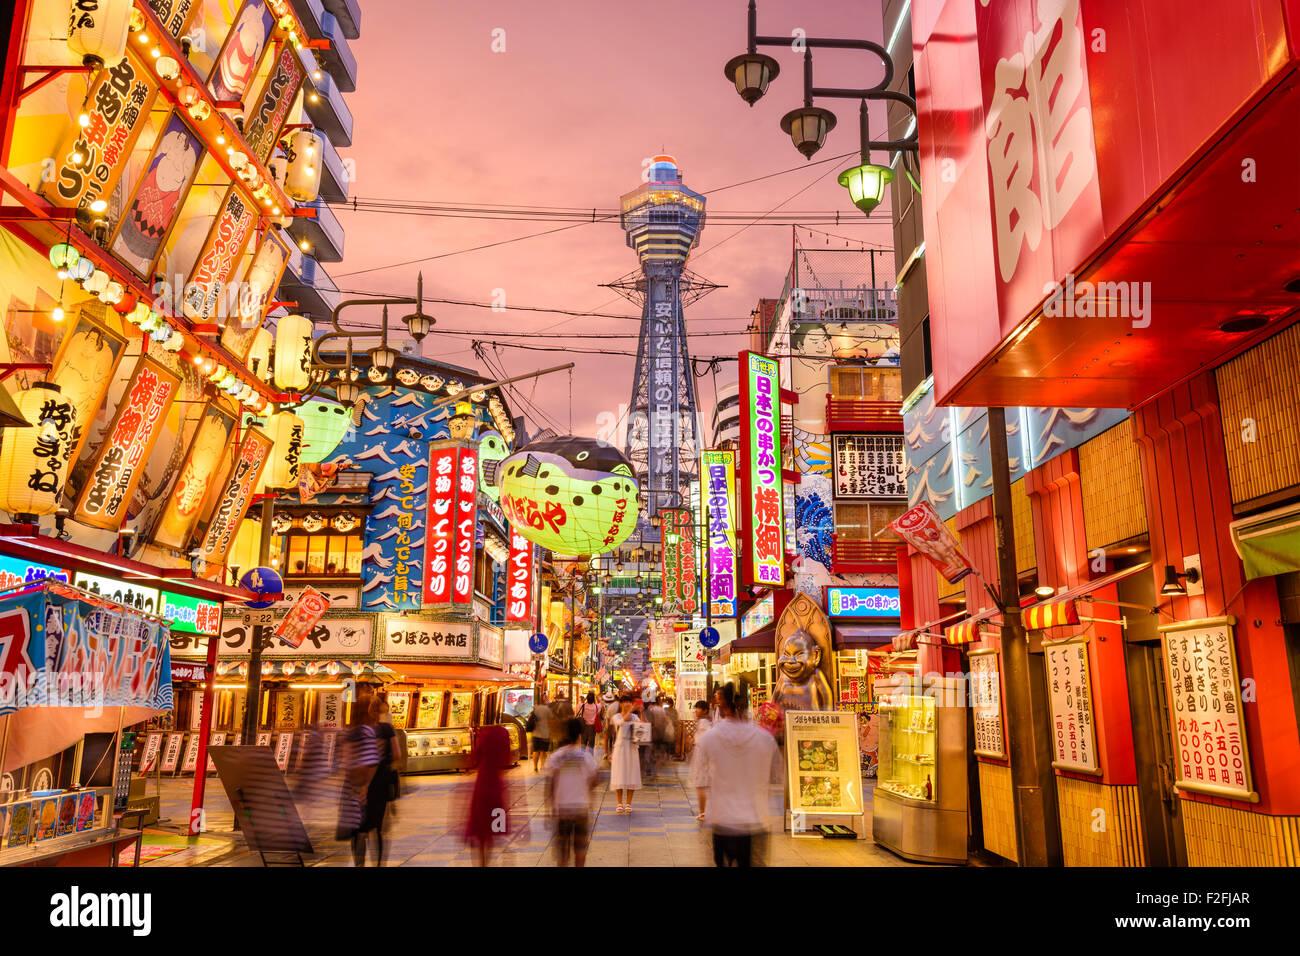 El distrito de Shinsekai en Osaka, Japón. Imagen De Stock